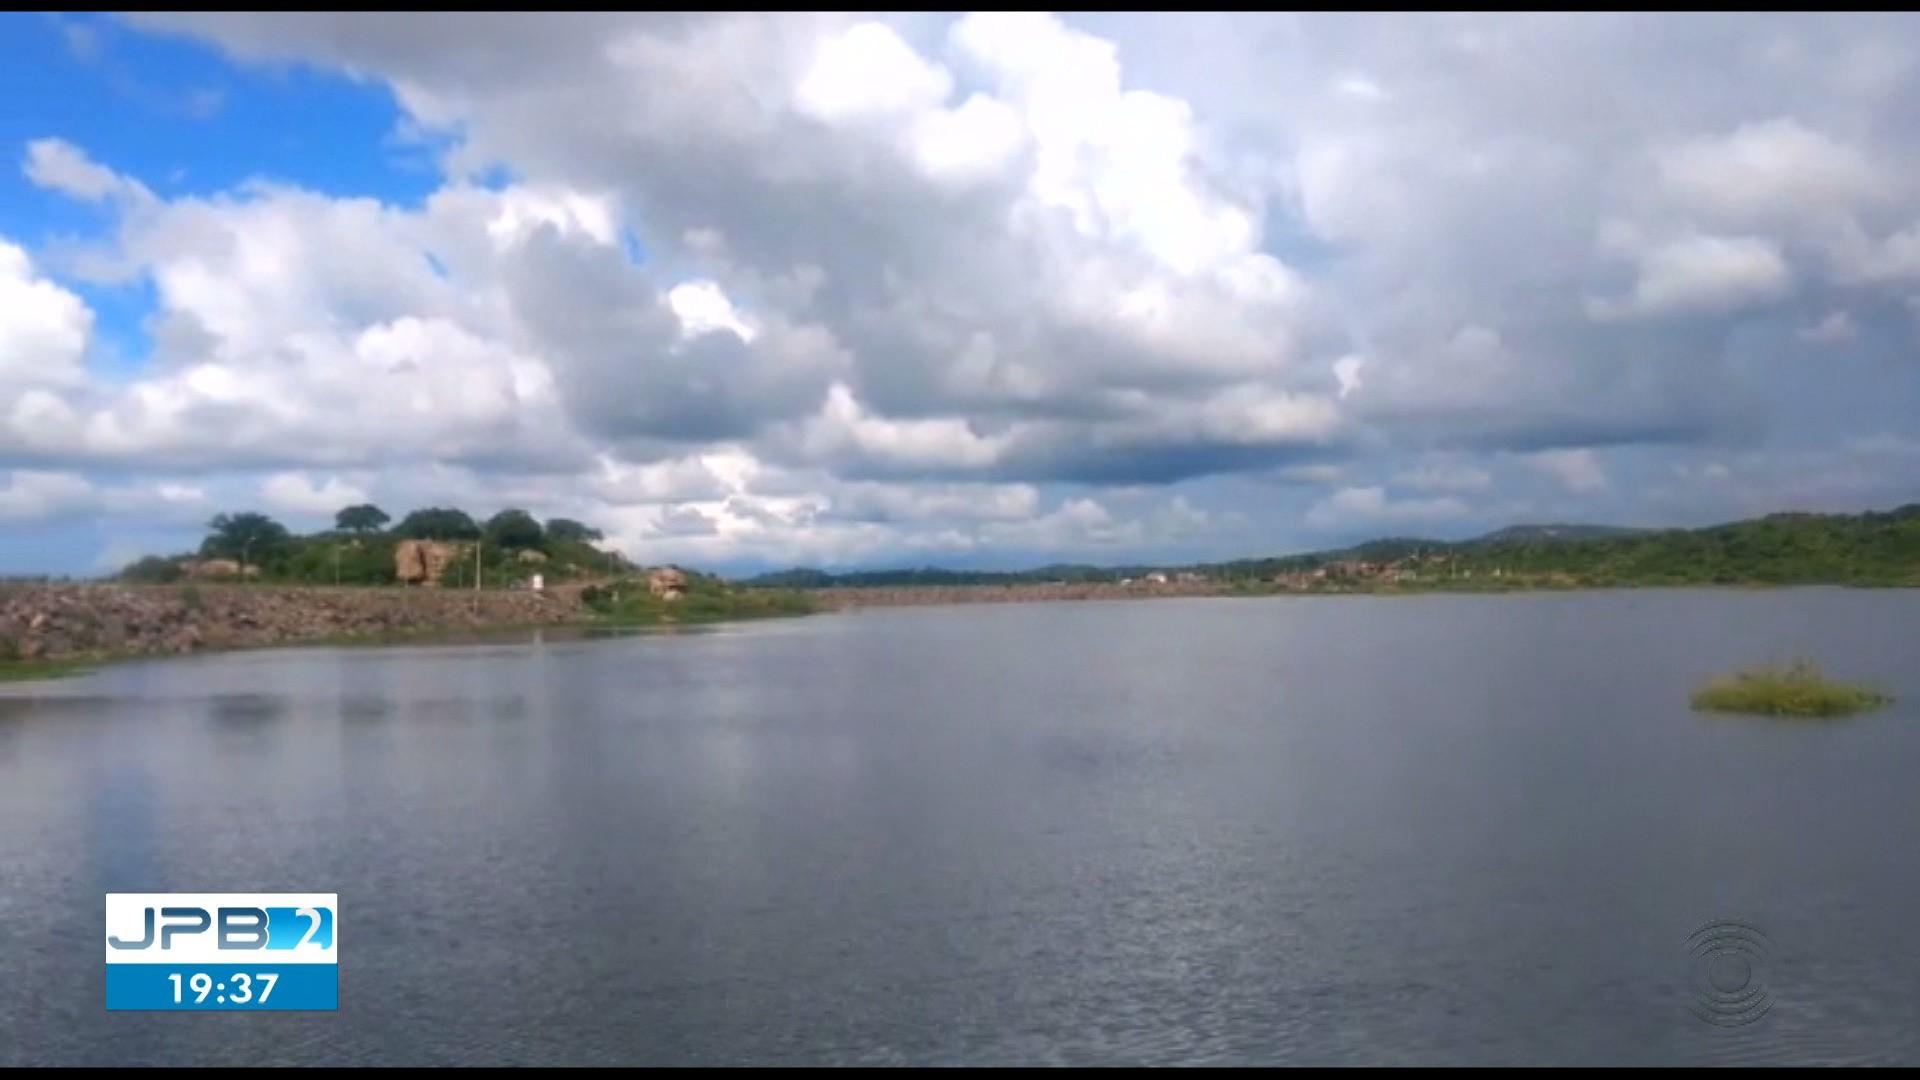 VÍDEOS: JPB2 (TV Paraíba) desta quarta-feira, 22 de abril